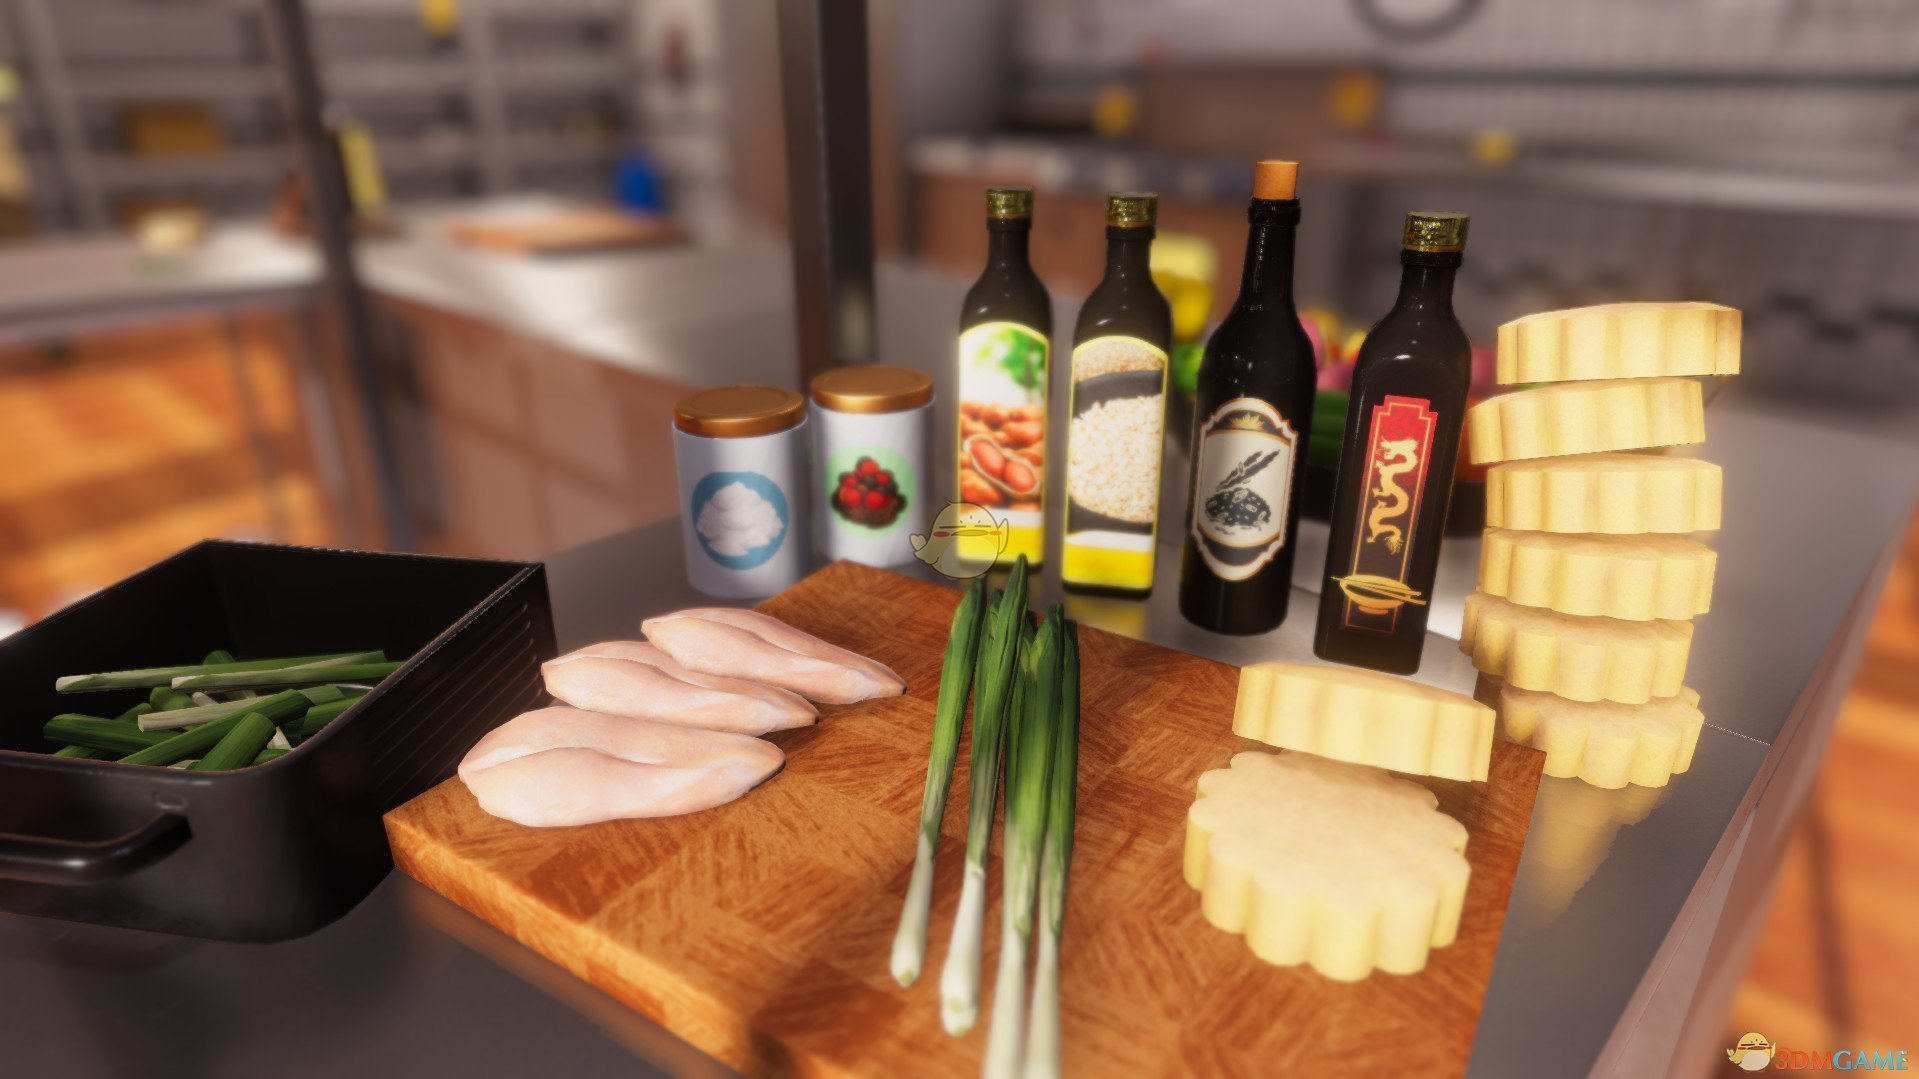 《料理模拟器》高效备菜技巧分享